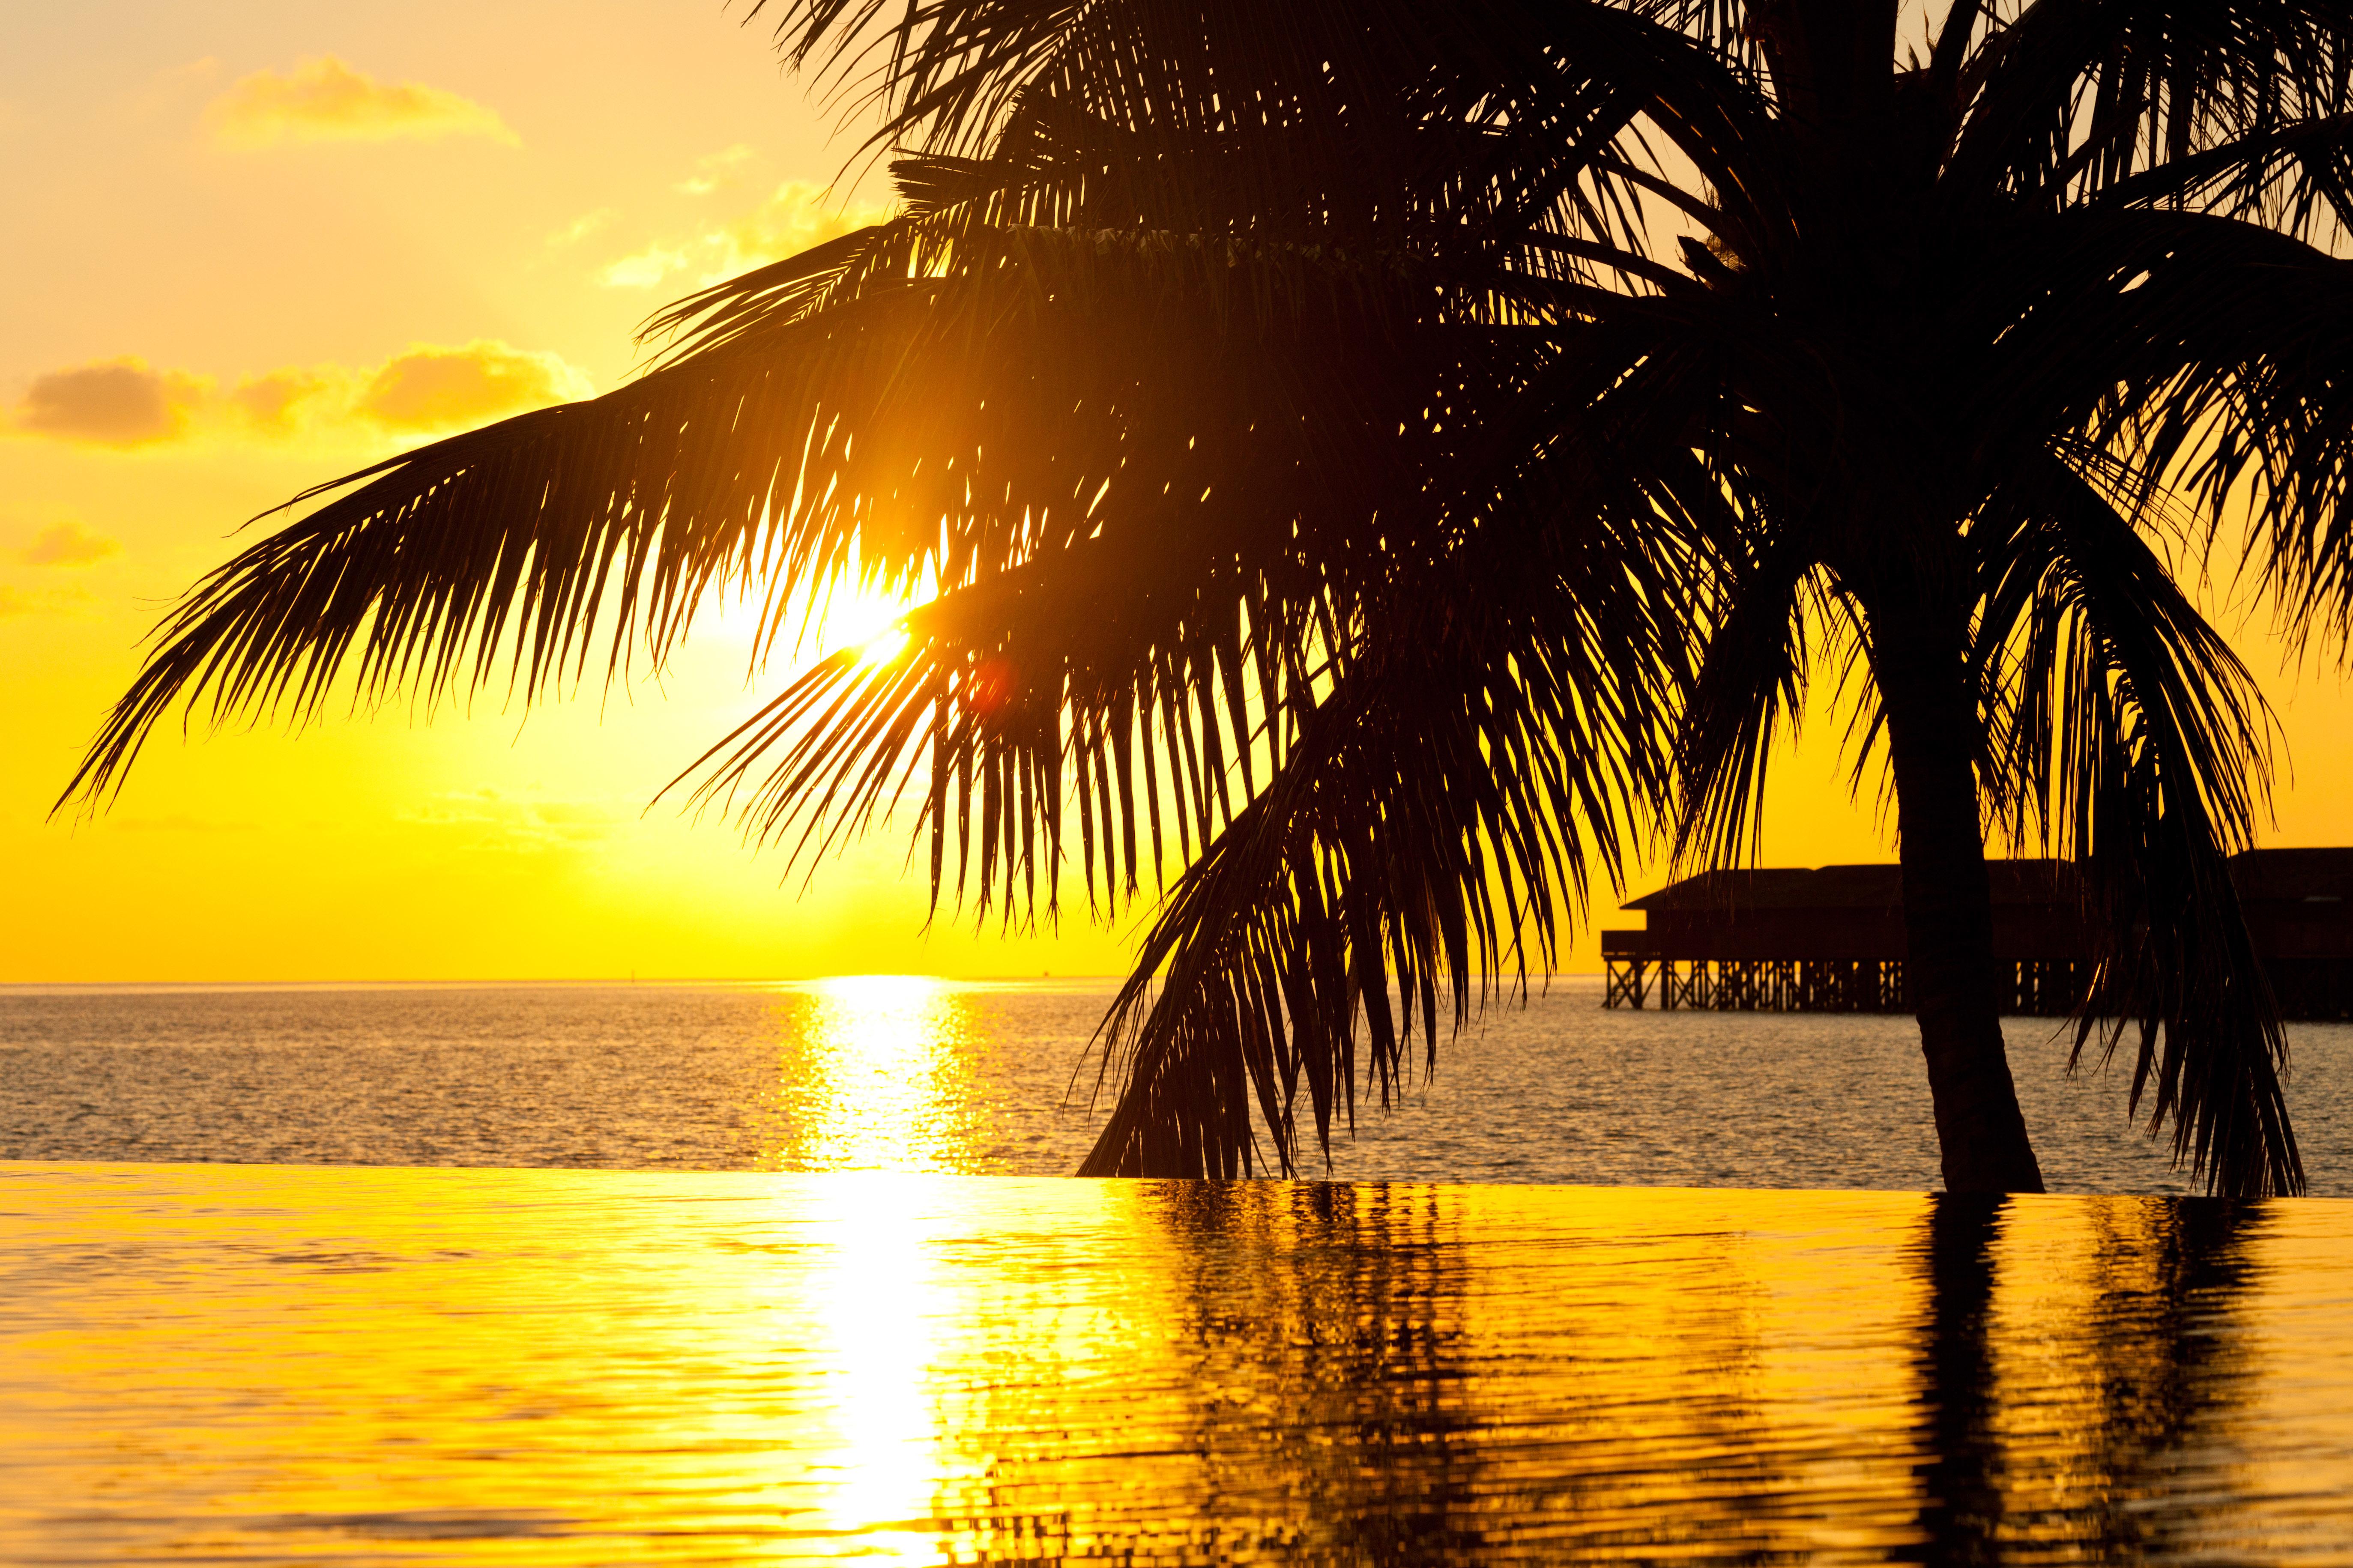 природа бассейн рассвет солнце пальмы отдых  № 2455745 загрузить